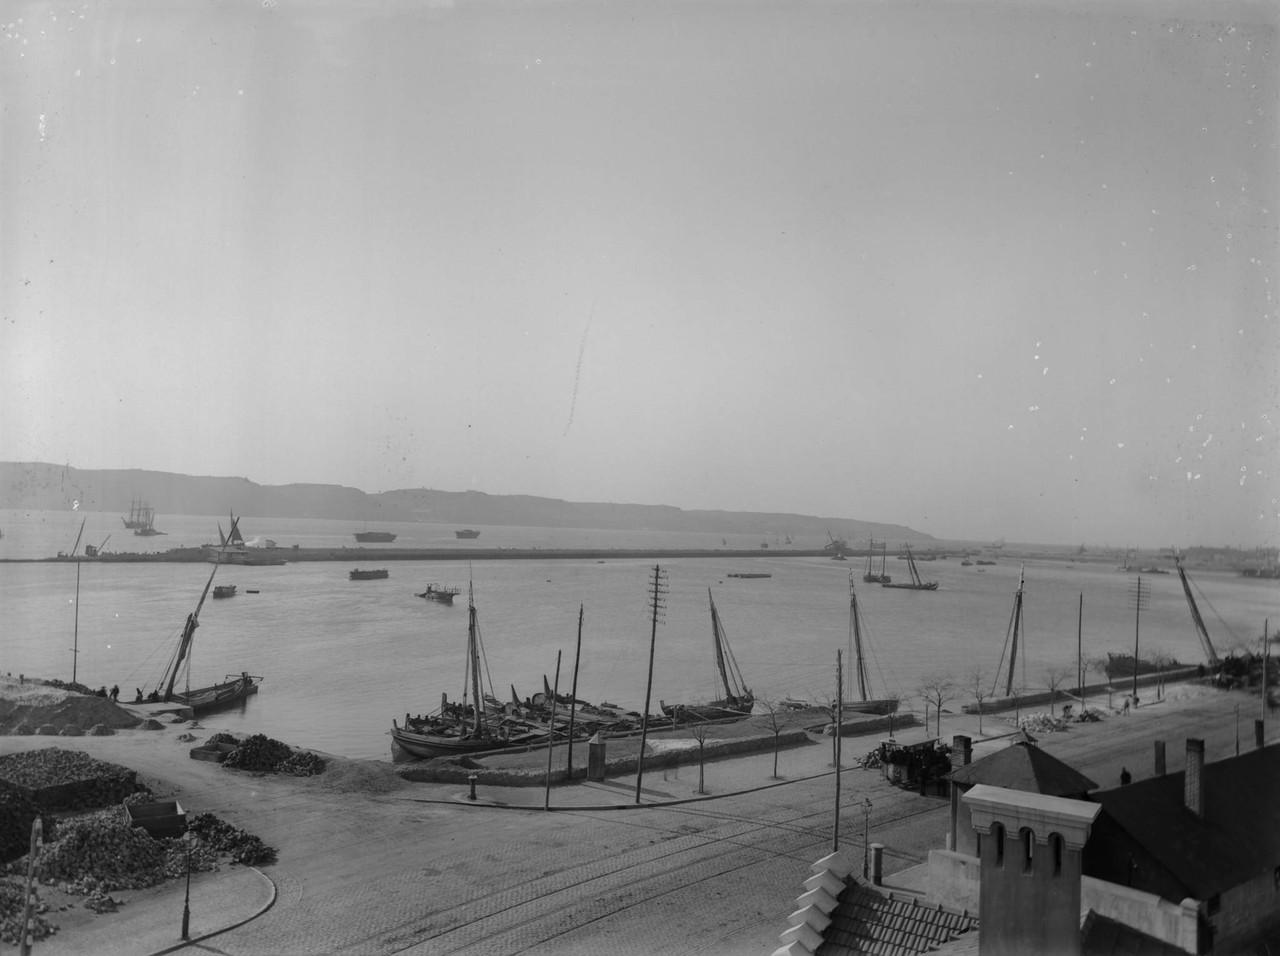 Obras do porto de Lisboa2.jpg